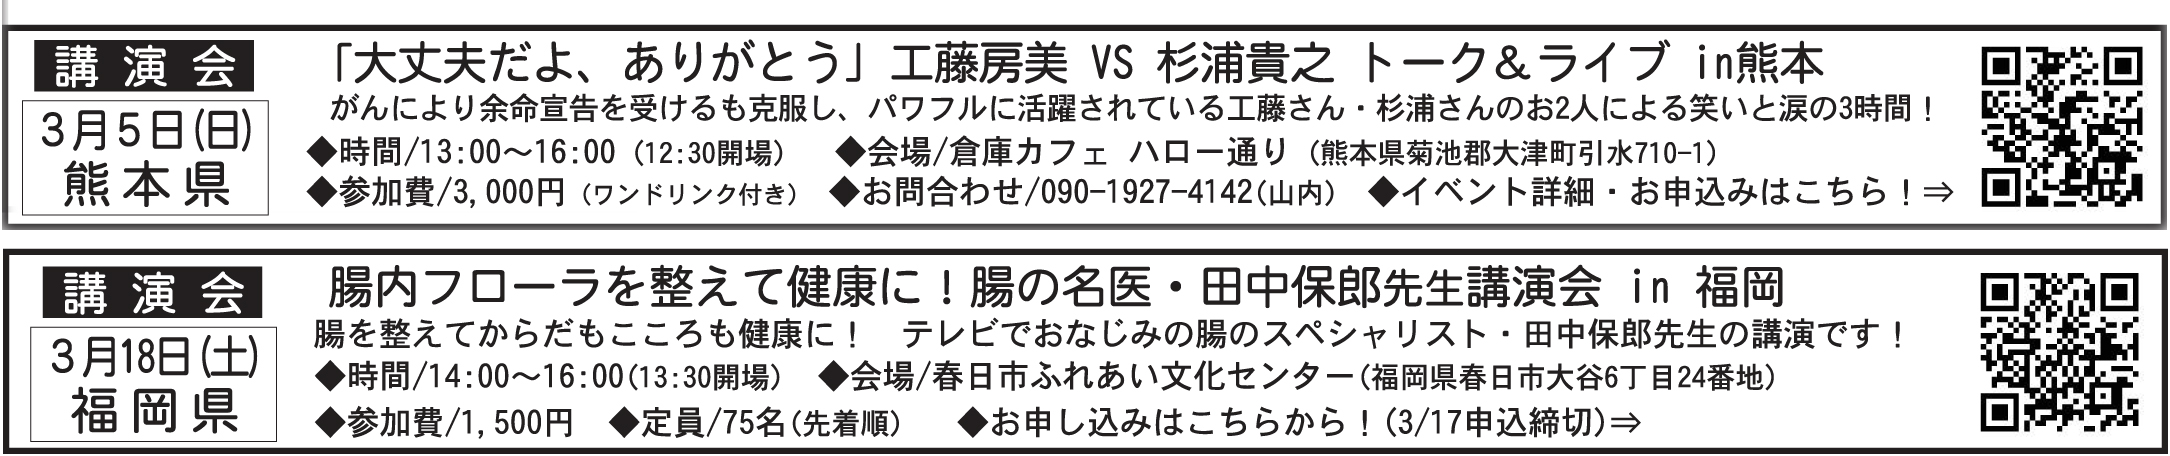 muryo2683.jpg